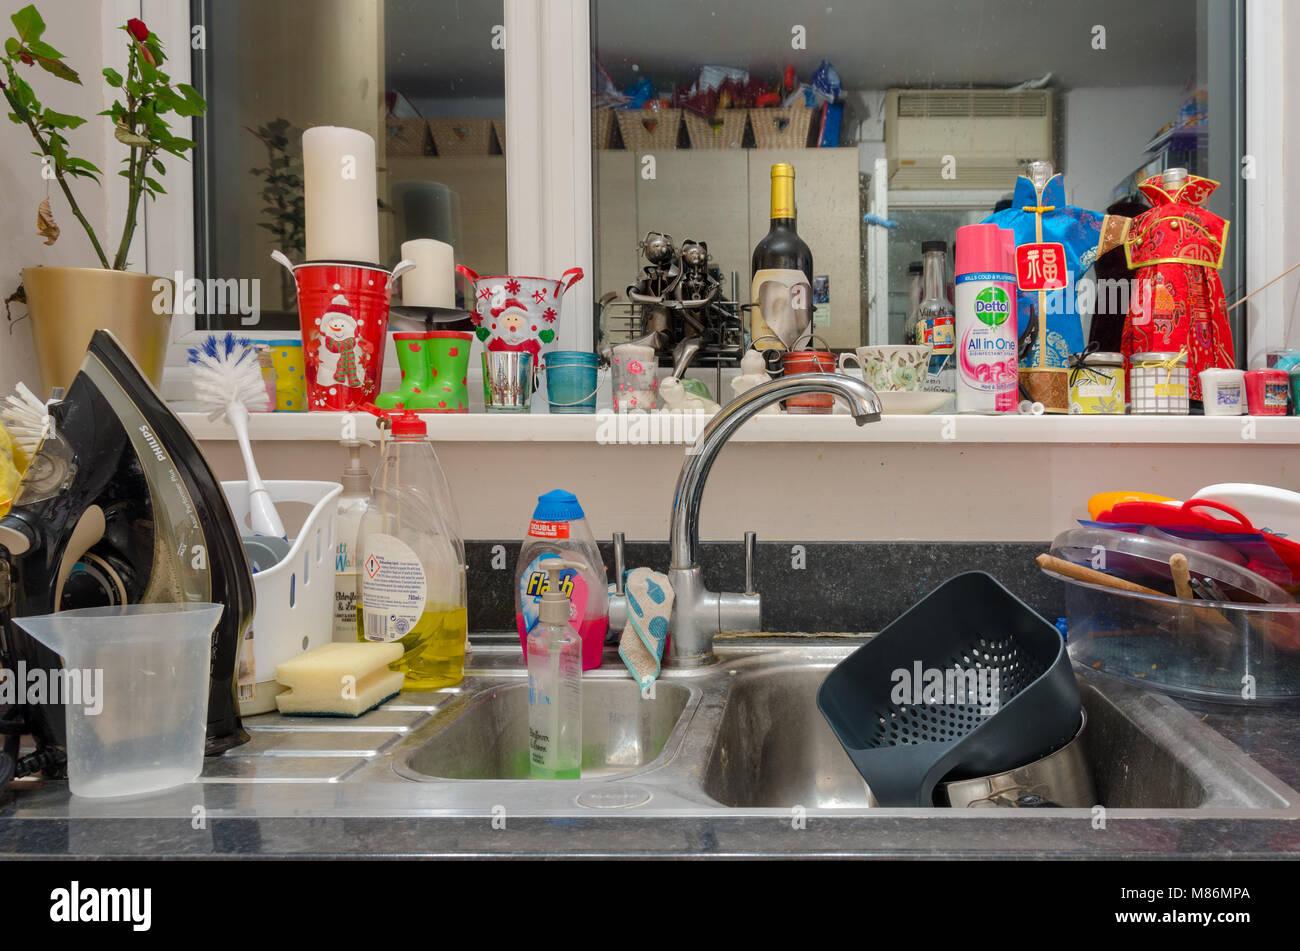 Pulizia Ferro Da Stiro un lavello da cucina ingombra di lavaggio fino, un ferro da